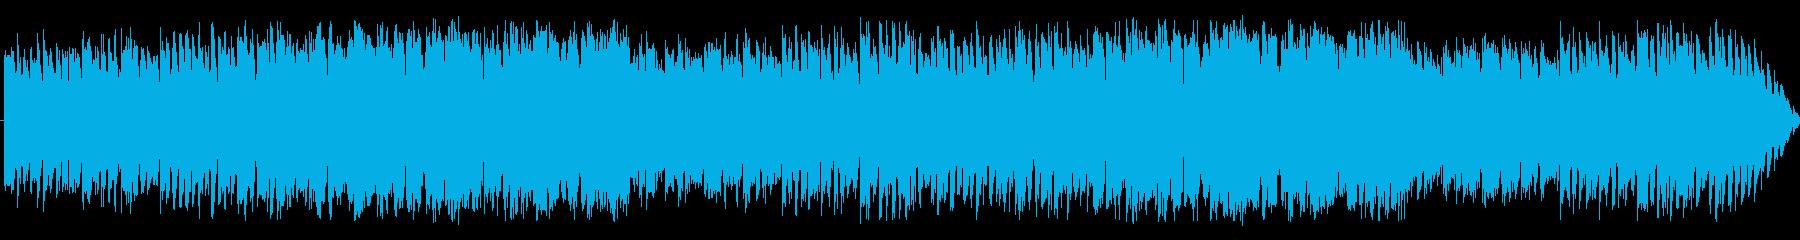 じめじめとした洞窟の曲の再生済みの波形